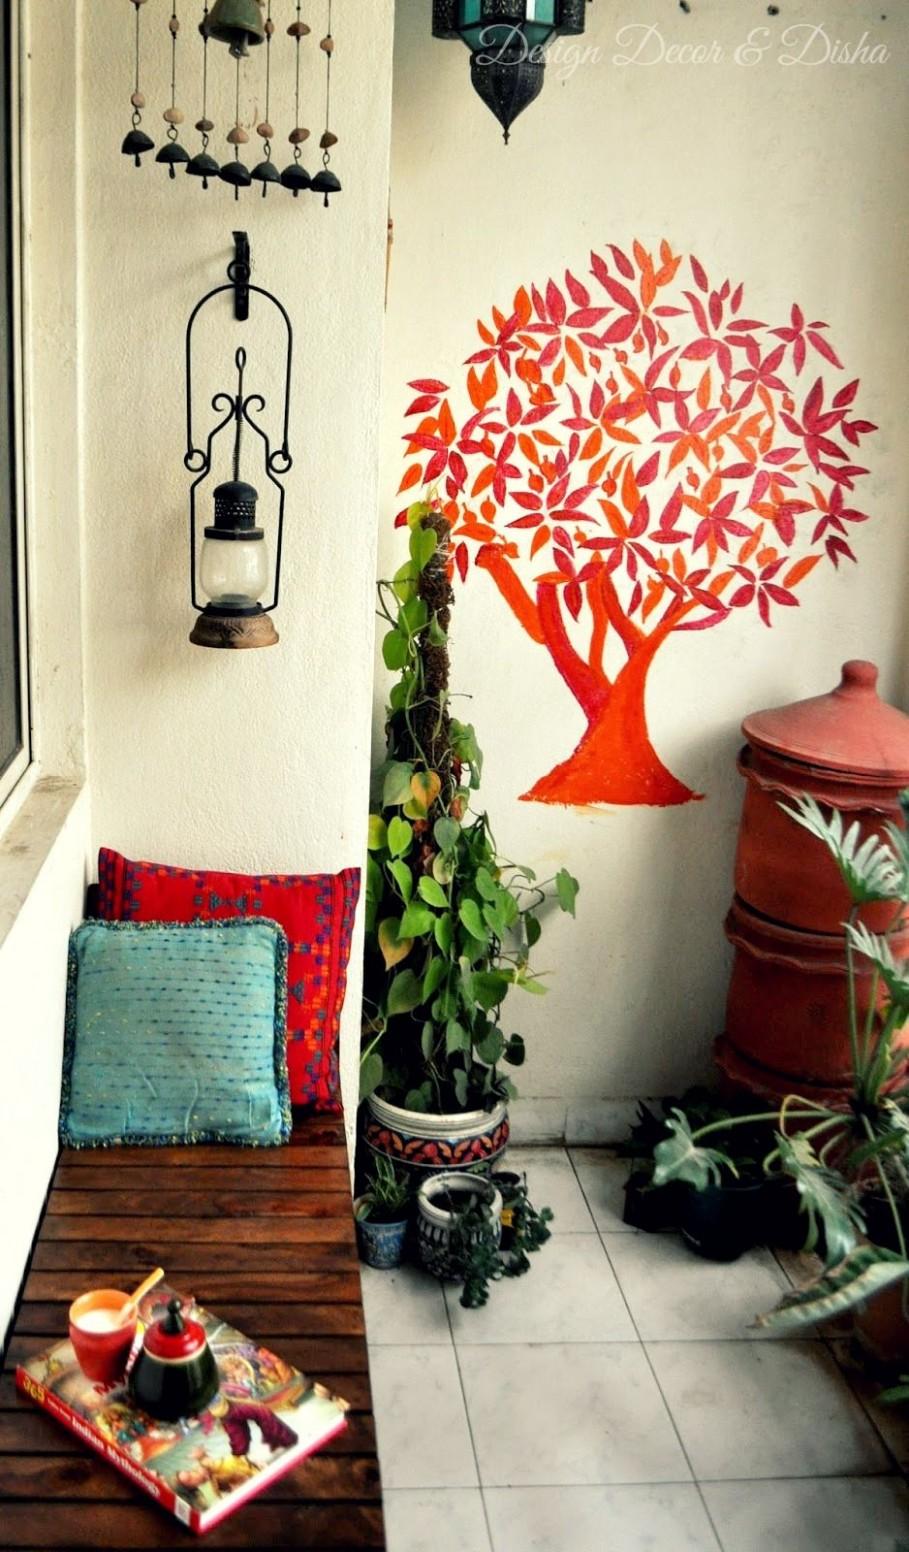 Indian Balcony Decor  Apartment balcony decorating, Balcony decor  - Apartment Decorating Ideas India